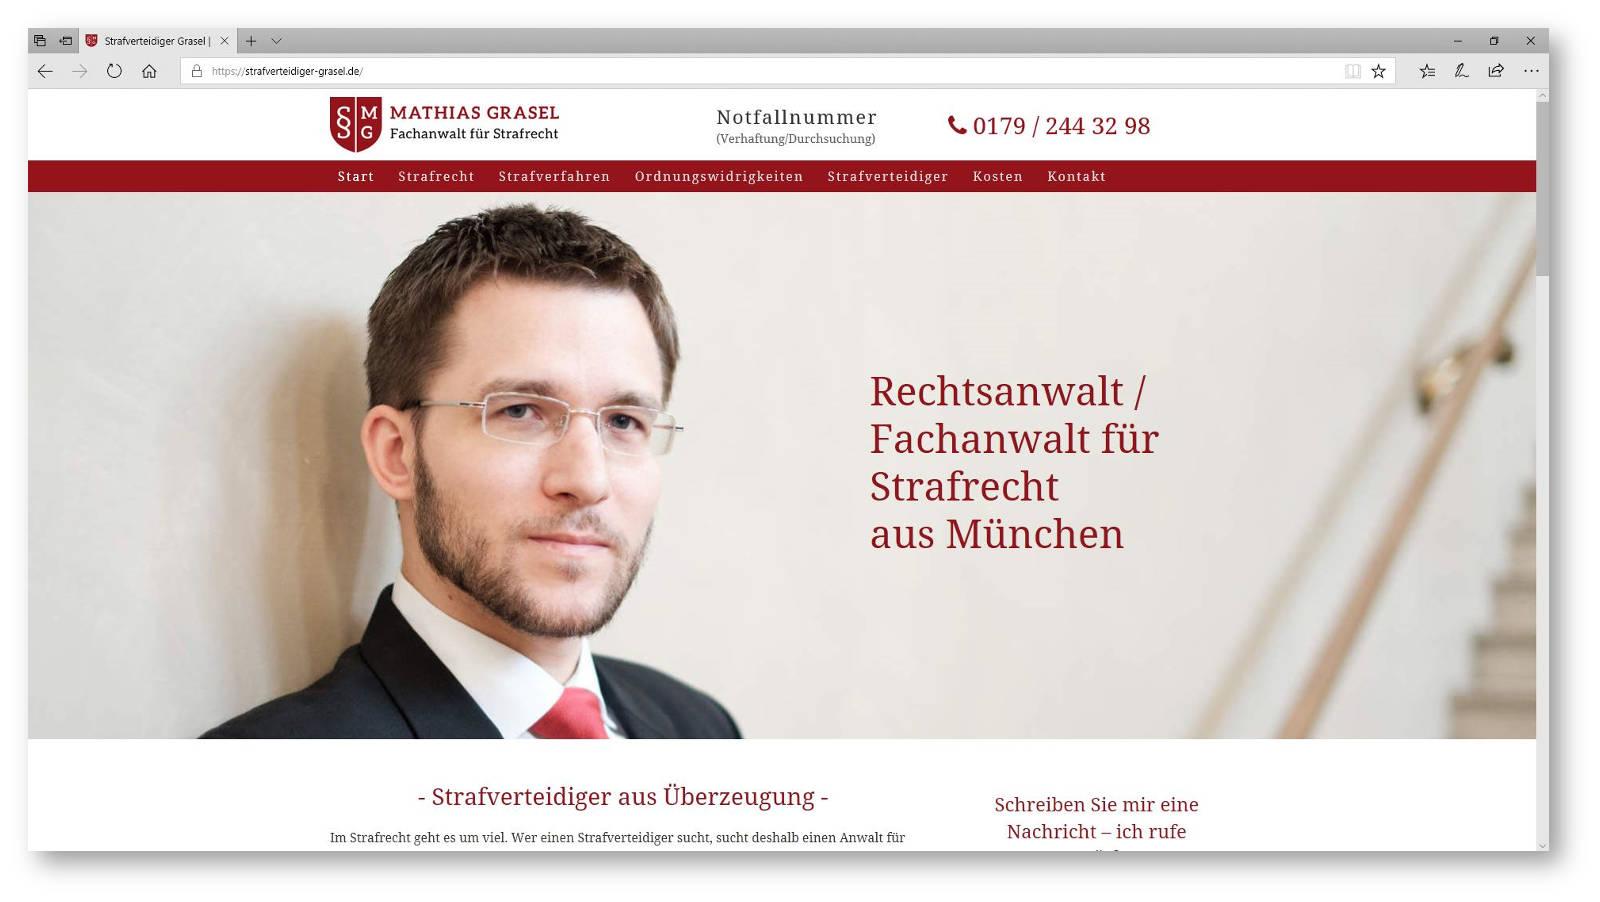 Porträt Strafverteidiger auf Kanzleiwebsite